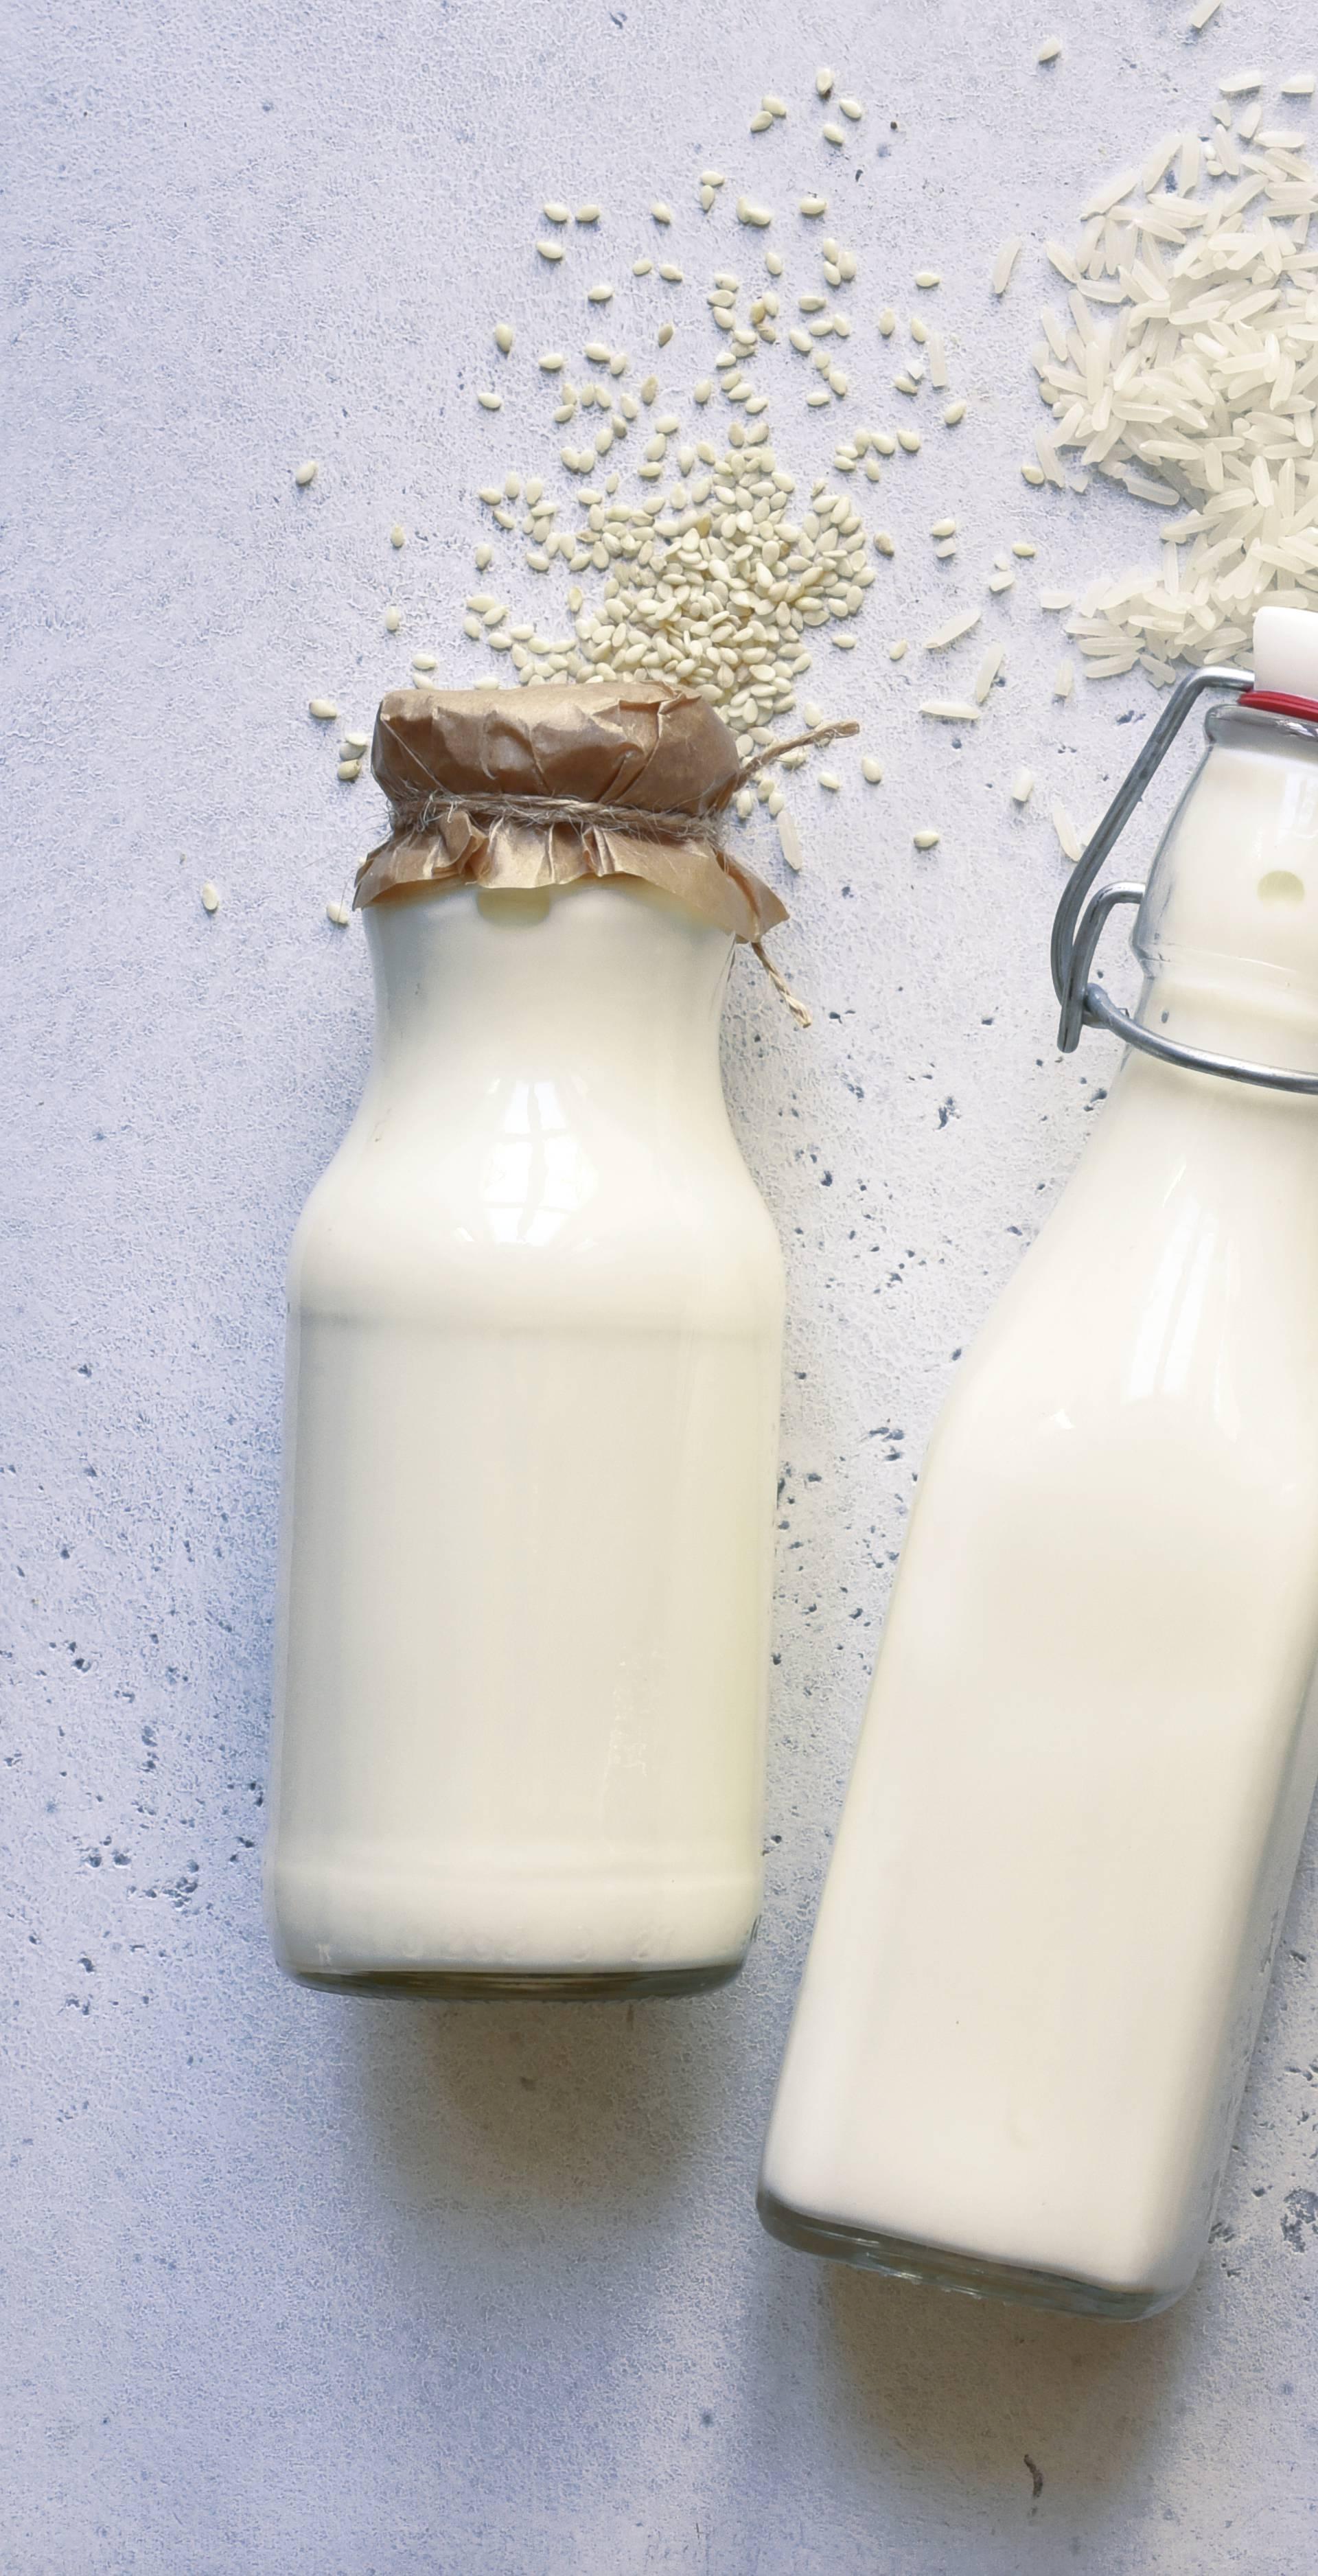 6 alternativa kravljem mlijeku: Od zobi, kokosa, riže ili soje...